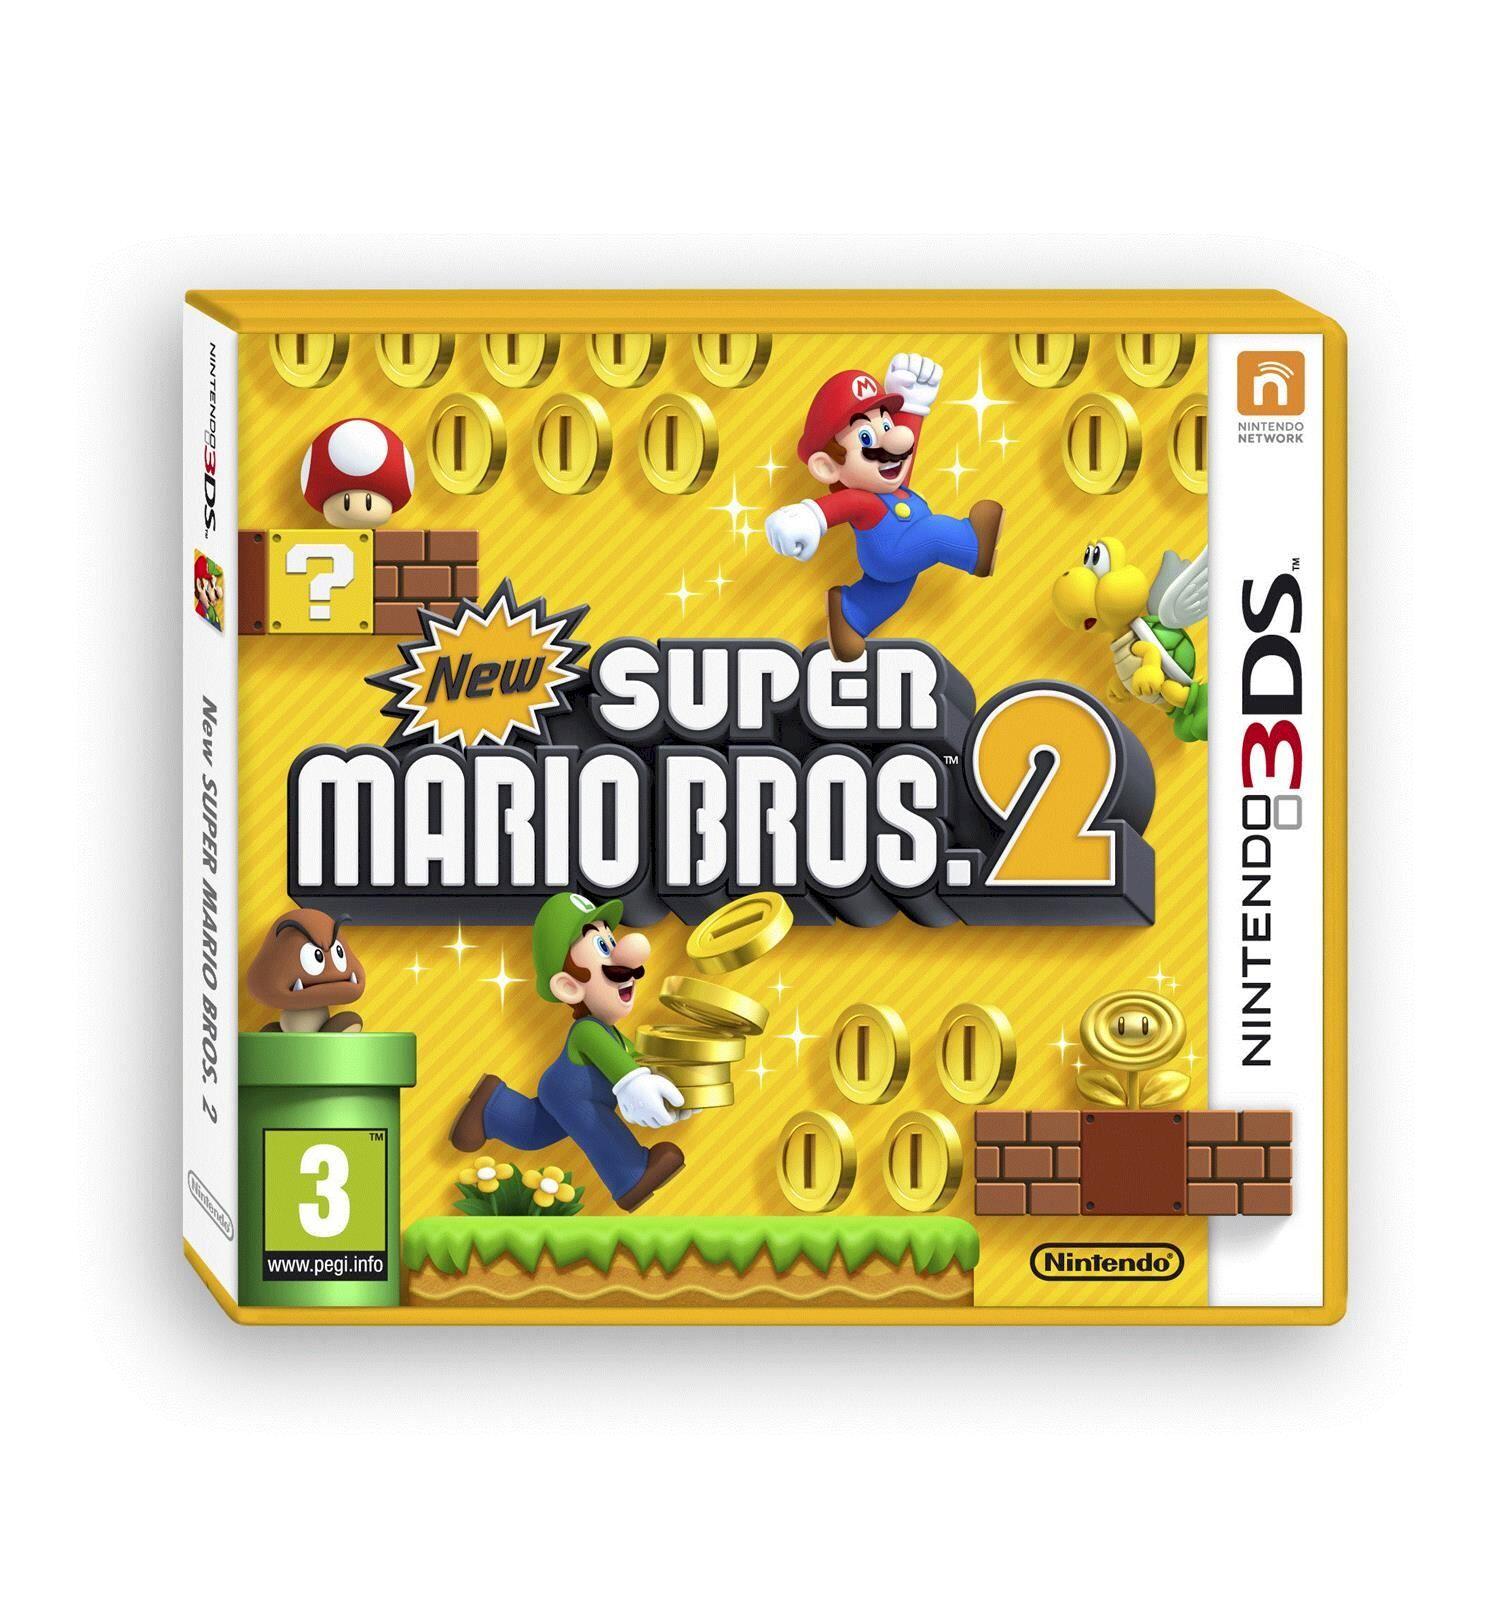 Nintendo New Super Mario Bros. 2